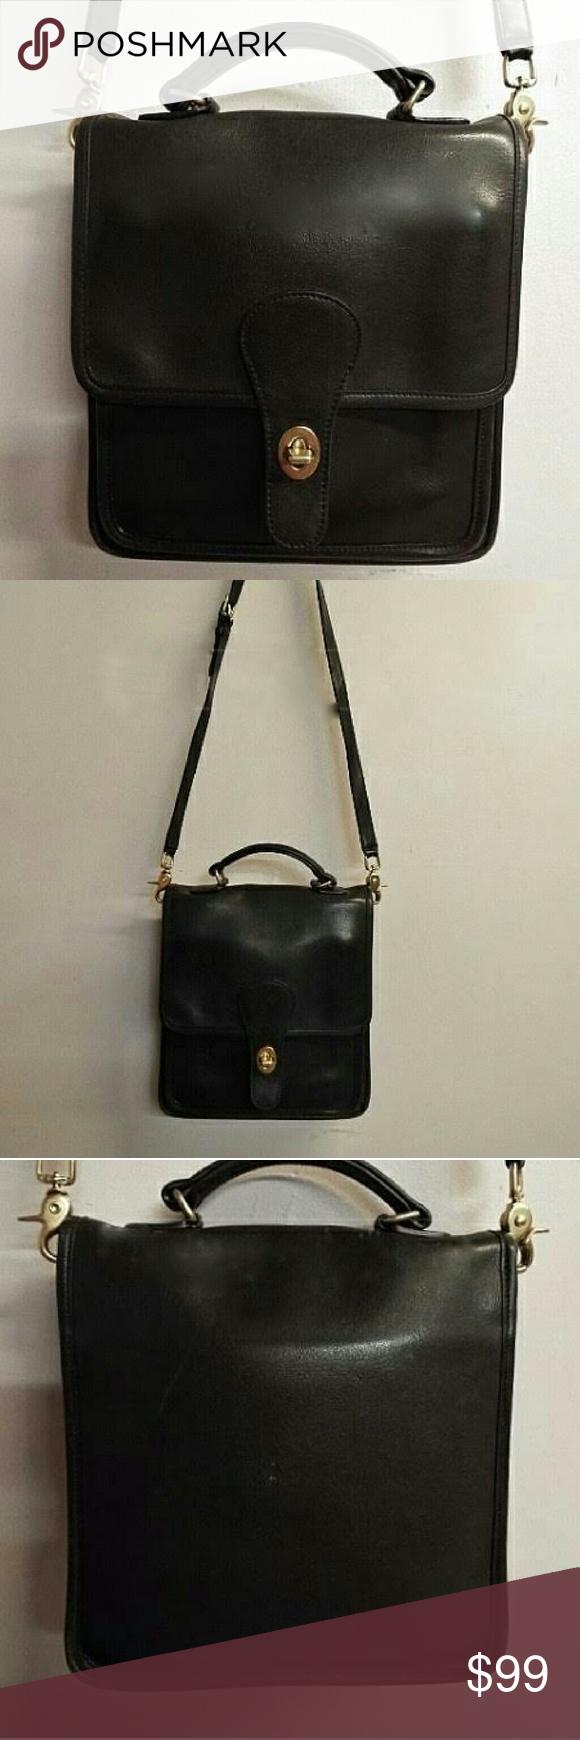 Vintage Coach Bag/Purse